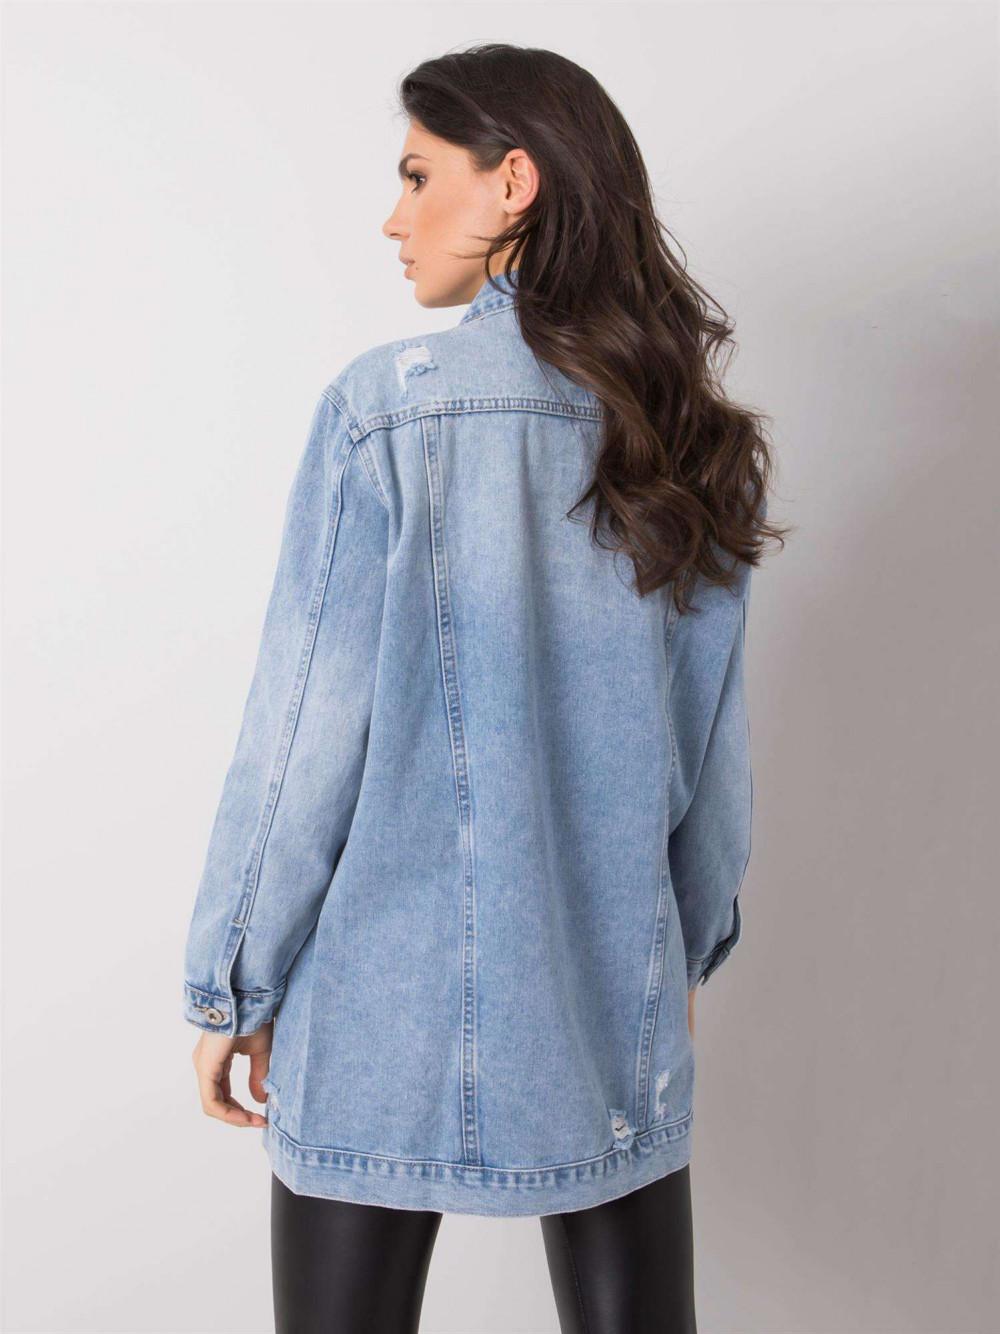 Jasnoniebieska kurtka jeansowa z przetarciami Heily 4